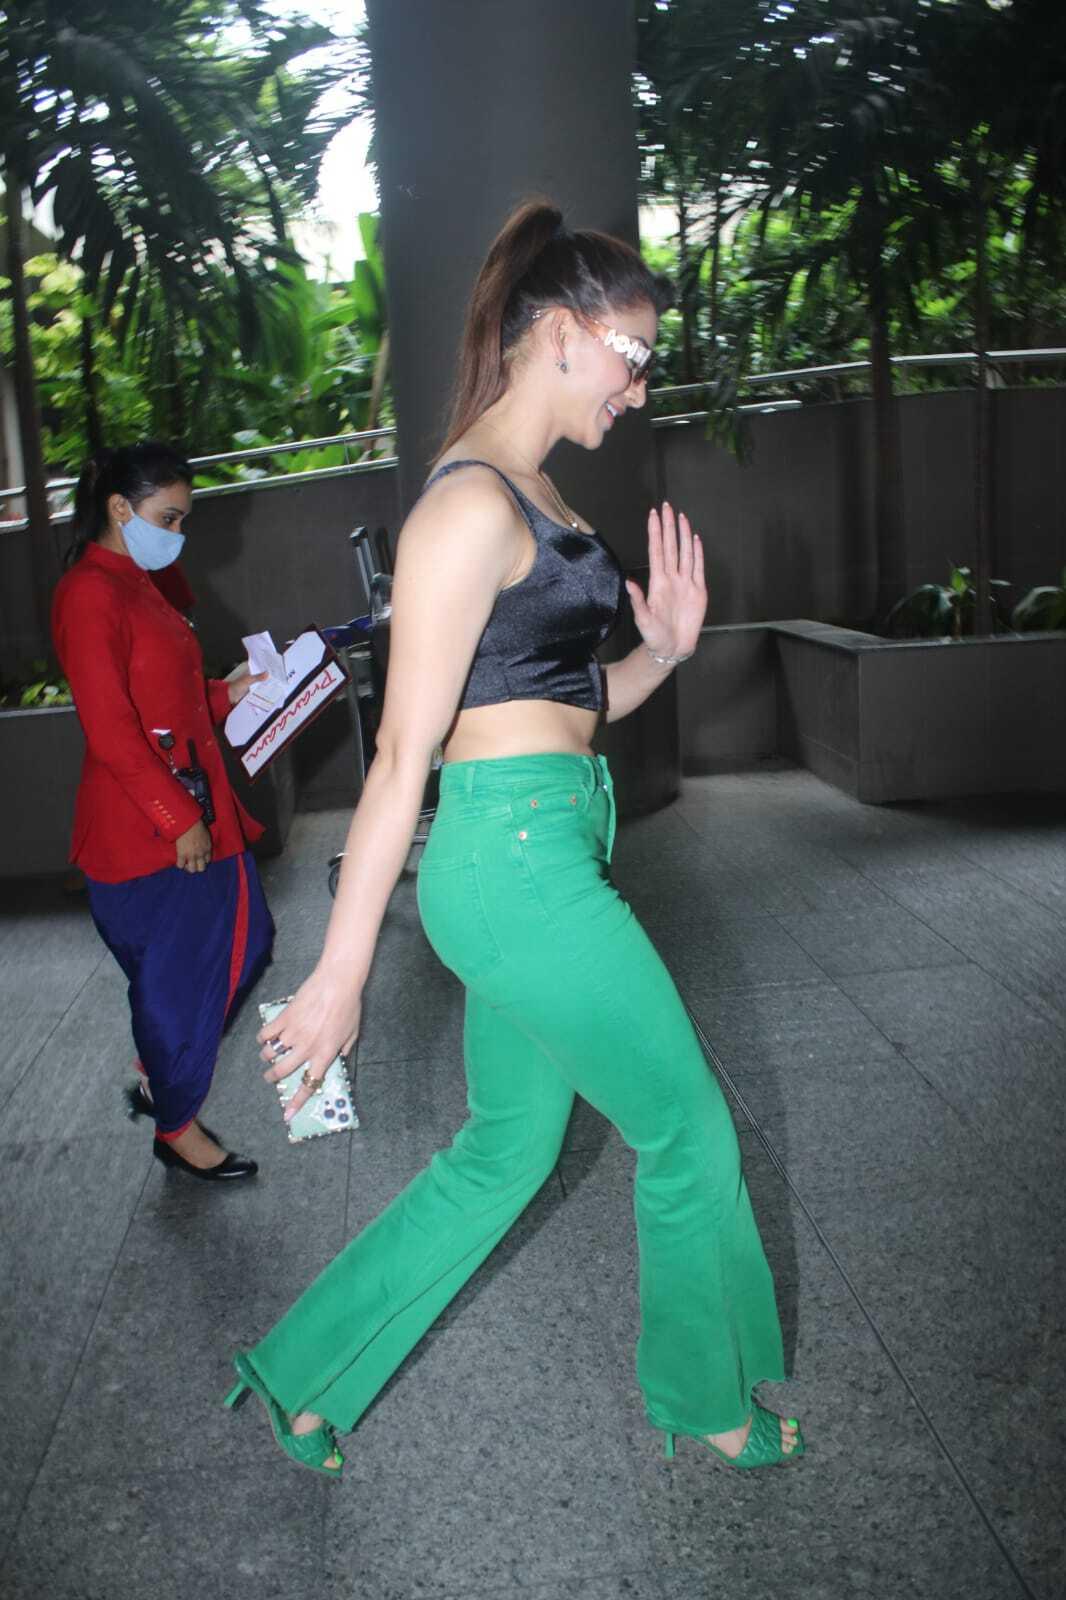 मुंबई एयरपोर्ट पर नजर आया उर्वशी रौतेला का दिलकश अंदाज